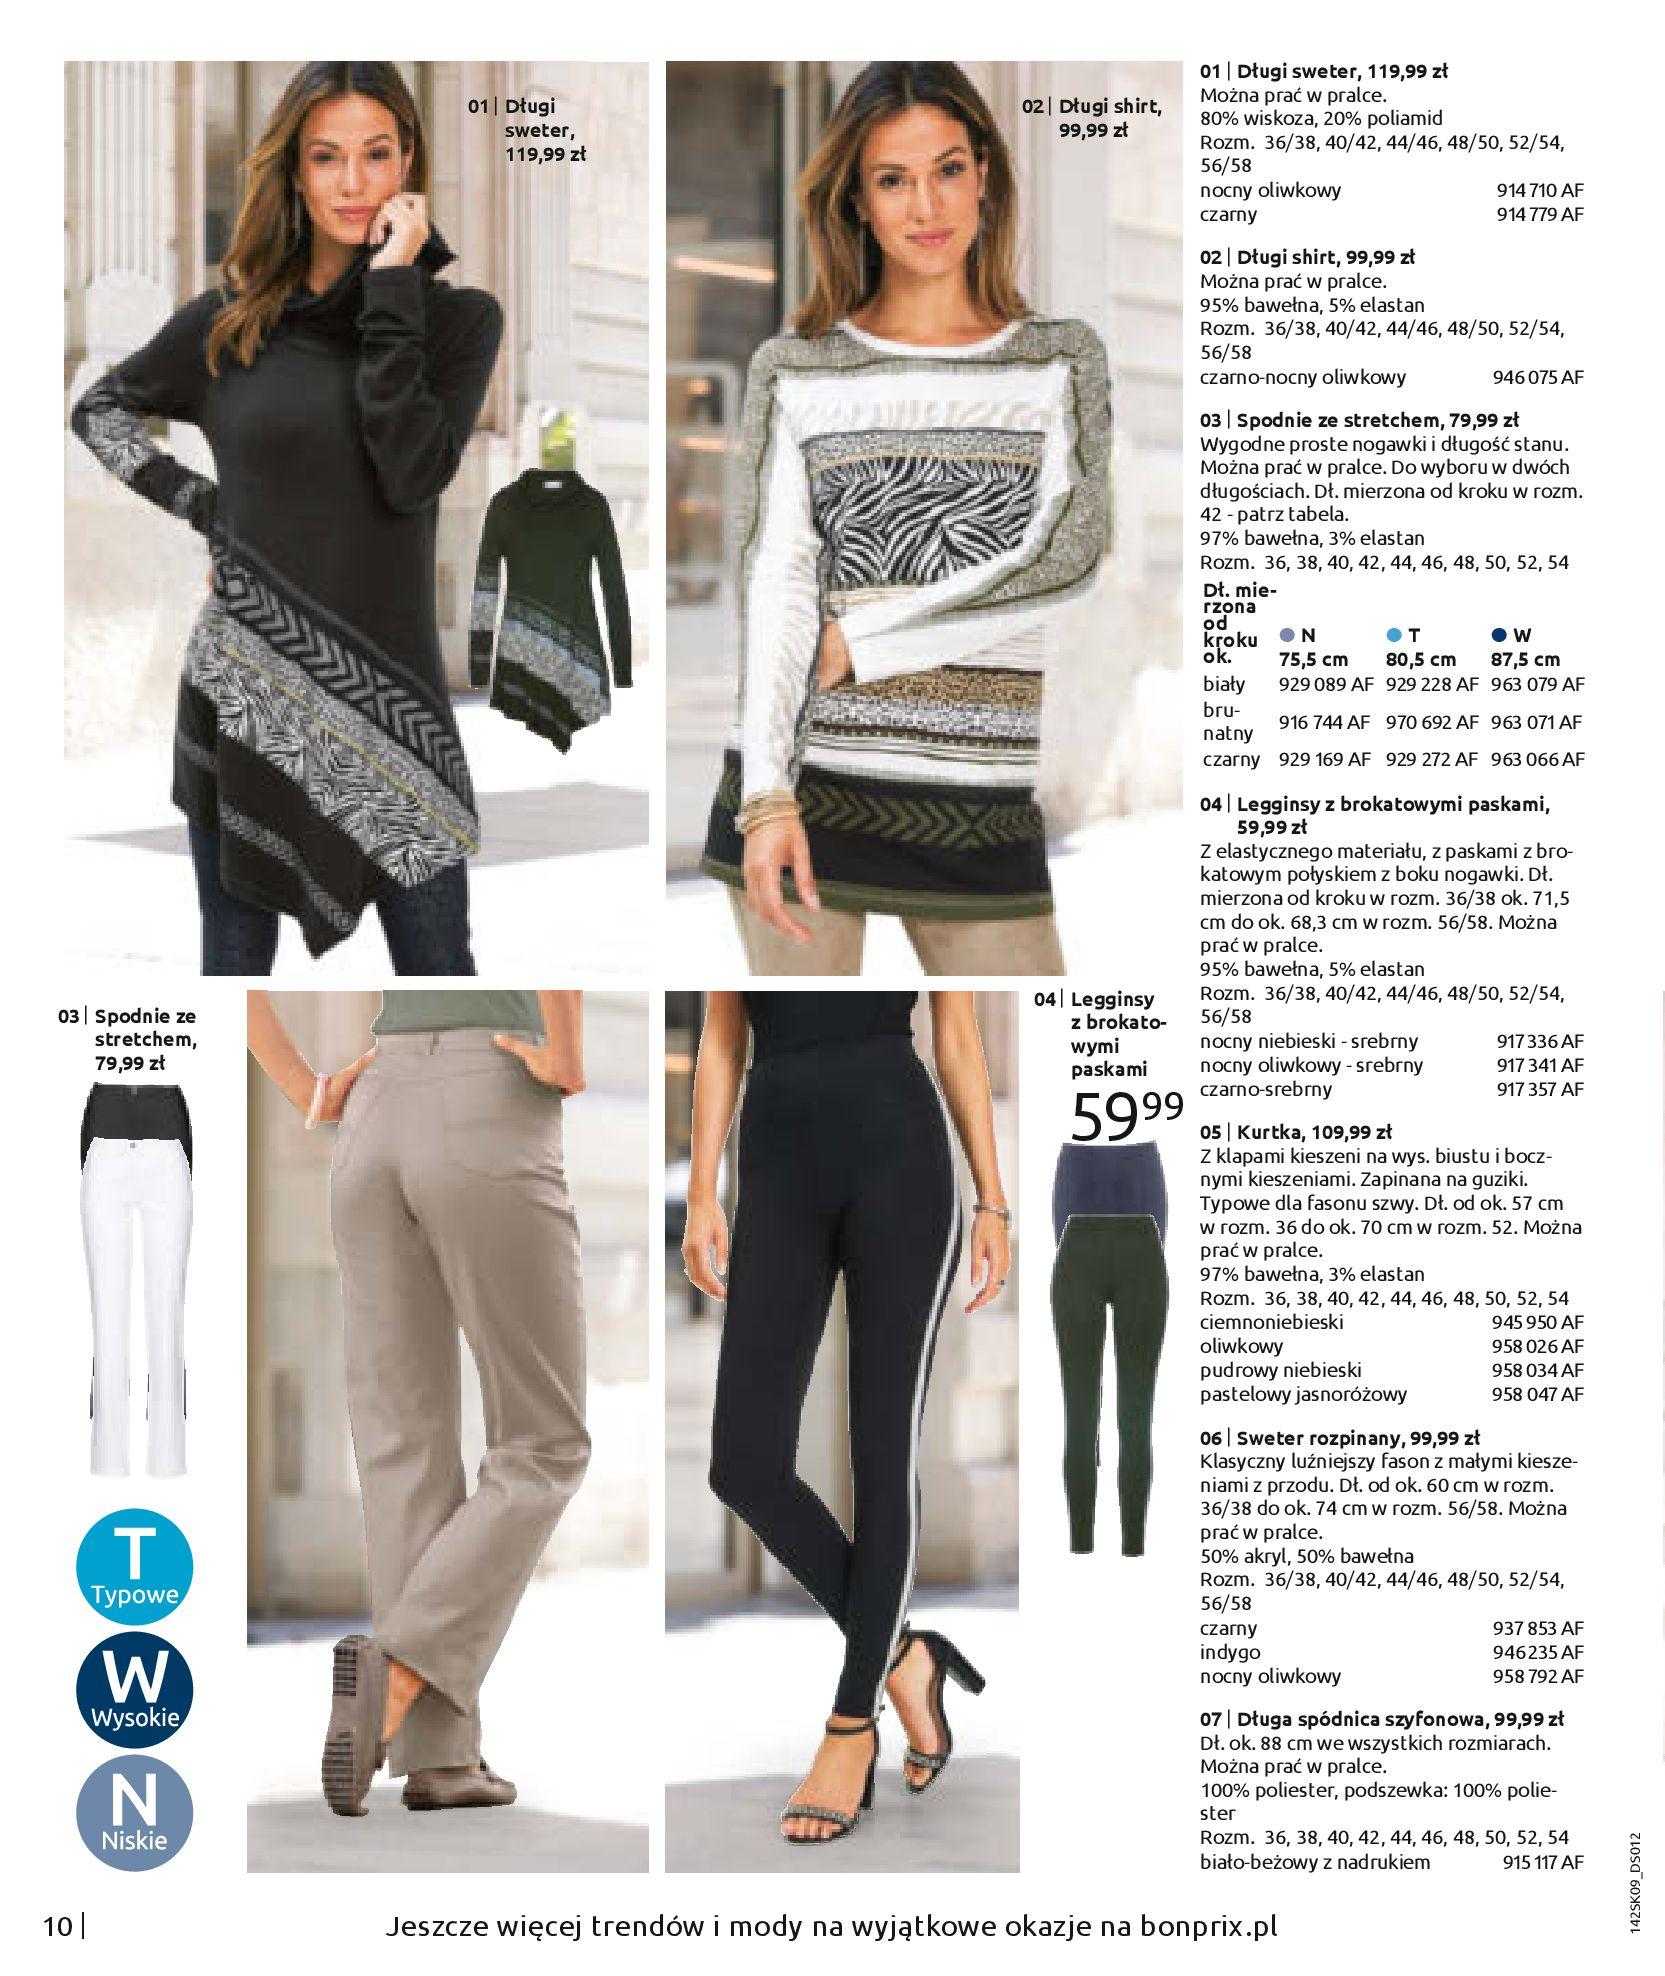 Gazetka Bonprix - Jesienny look-31.08.2020-28.02.2021-page-12